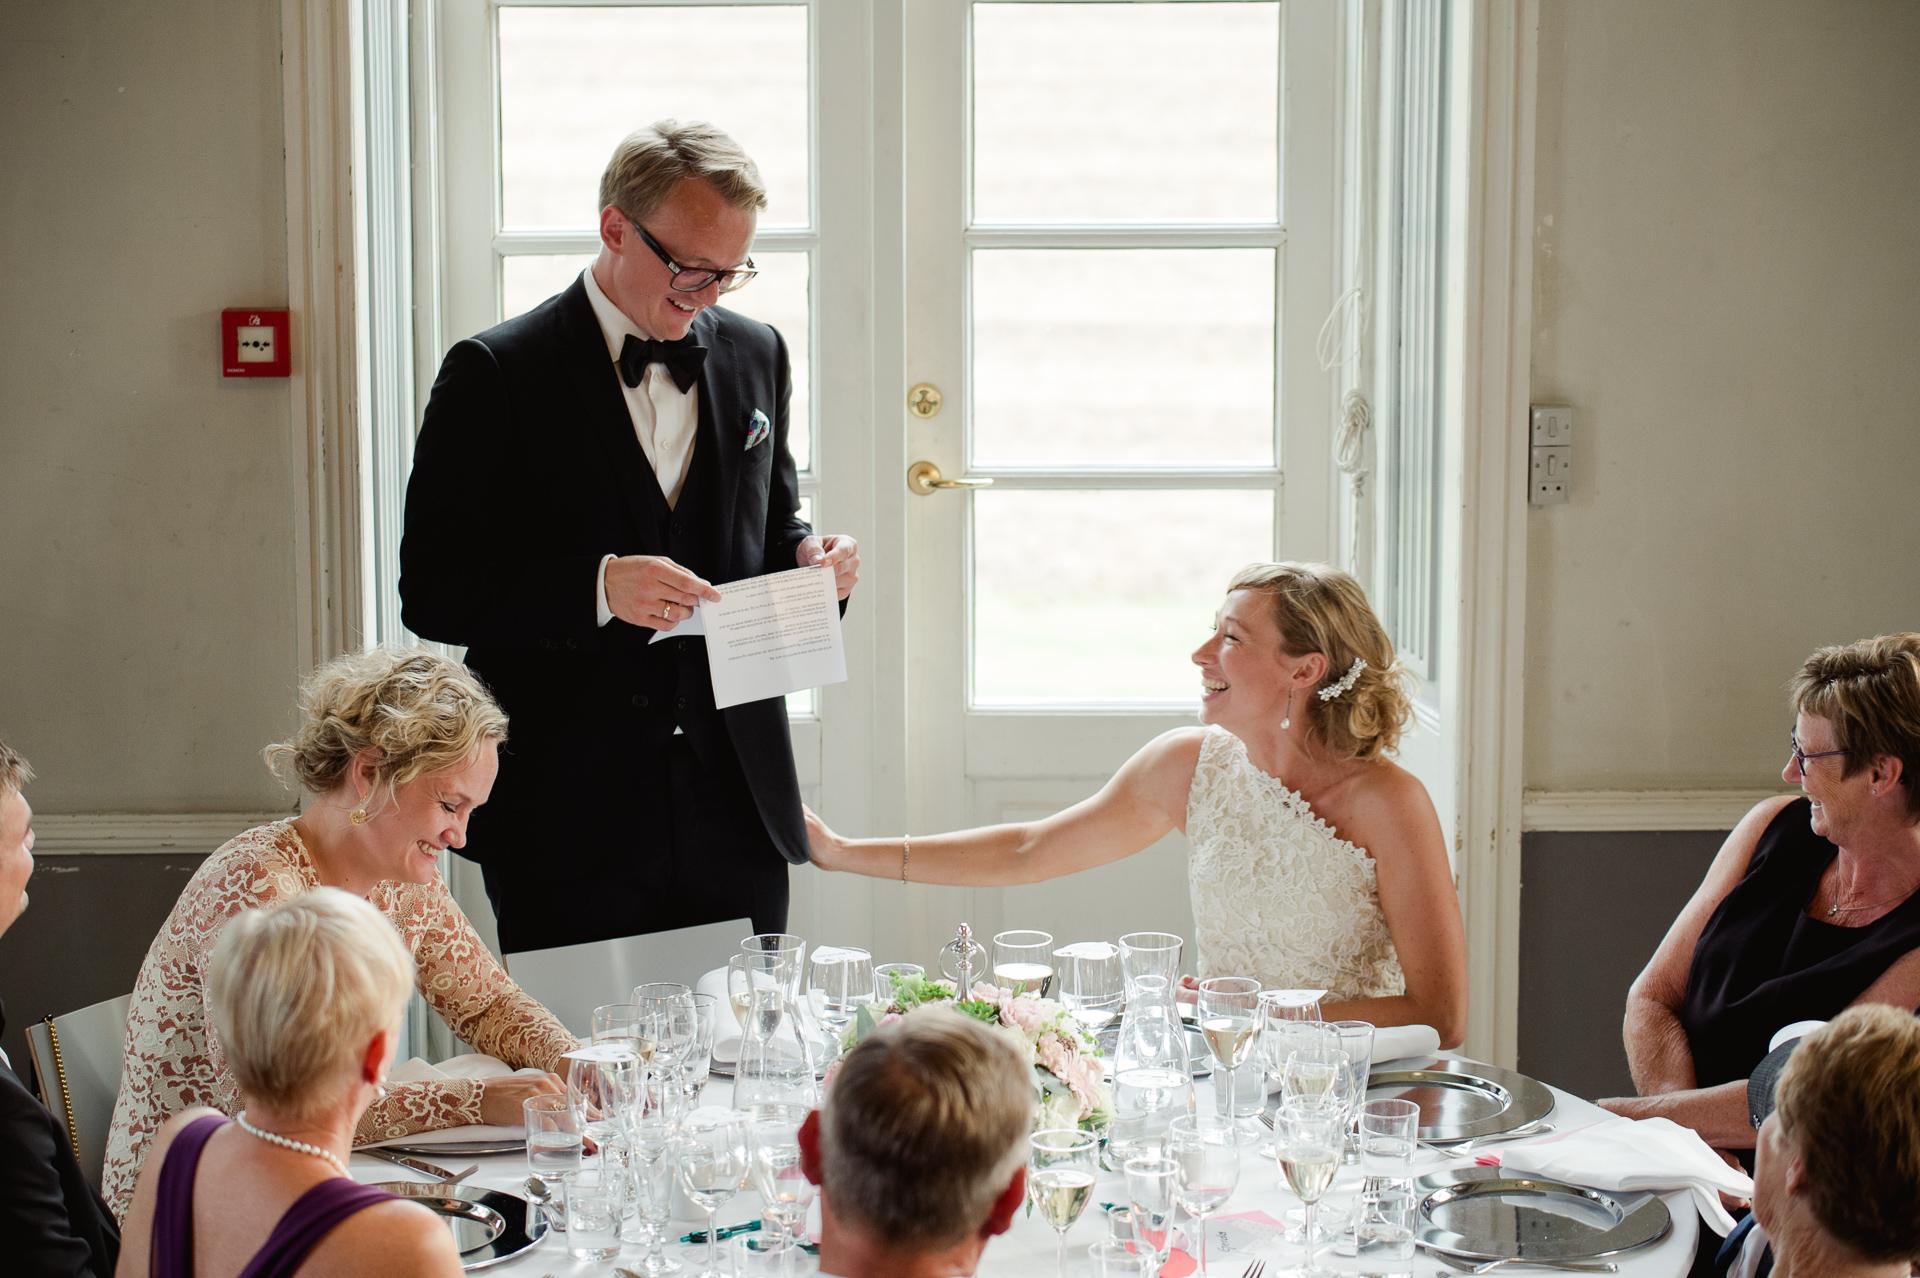 bryllup-wedding-jomfruens-egede-AK-Christian_61